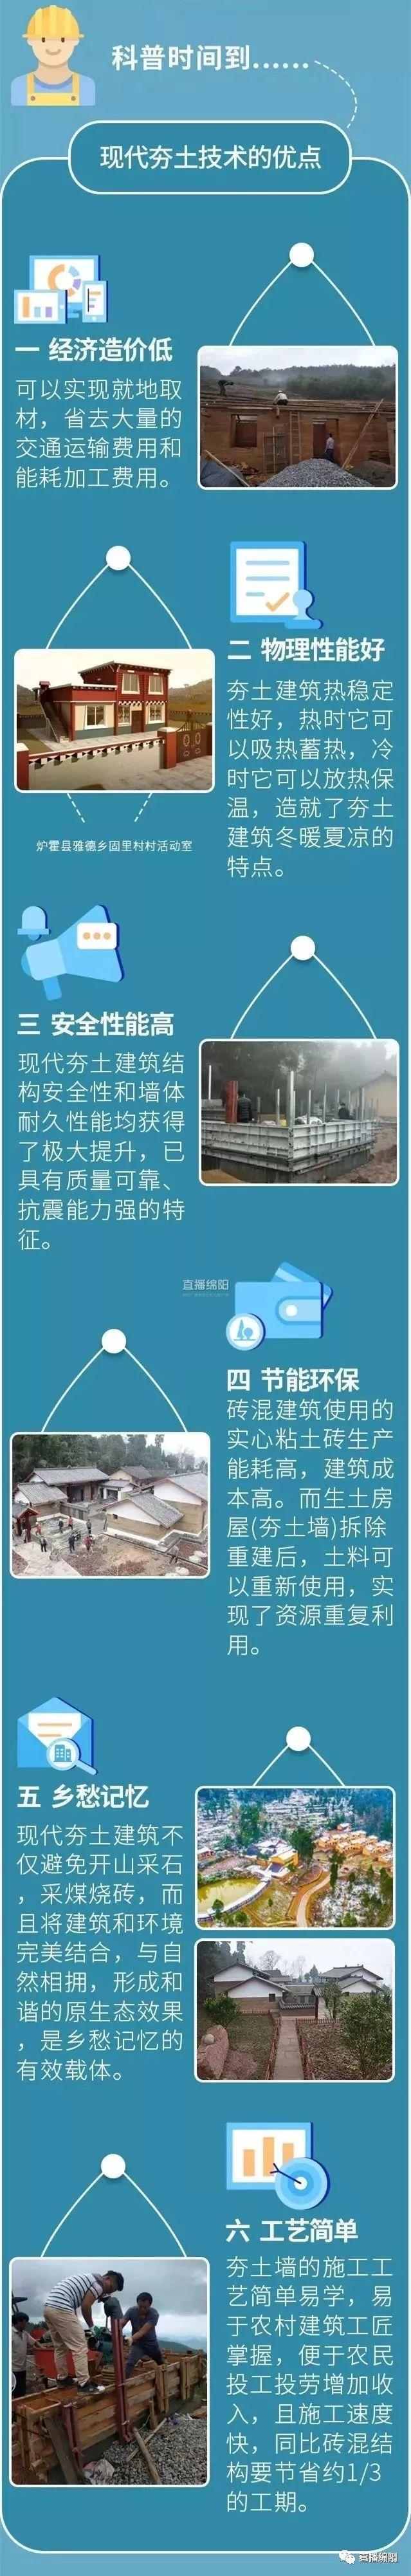 """四川农村住房建设试点 绵阳4个镇5个村先尝""""甜头"""""""